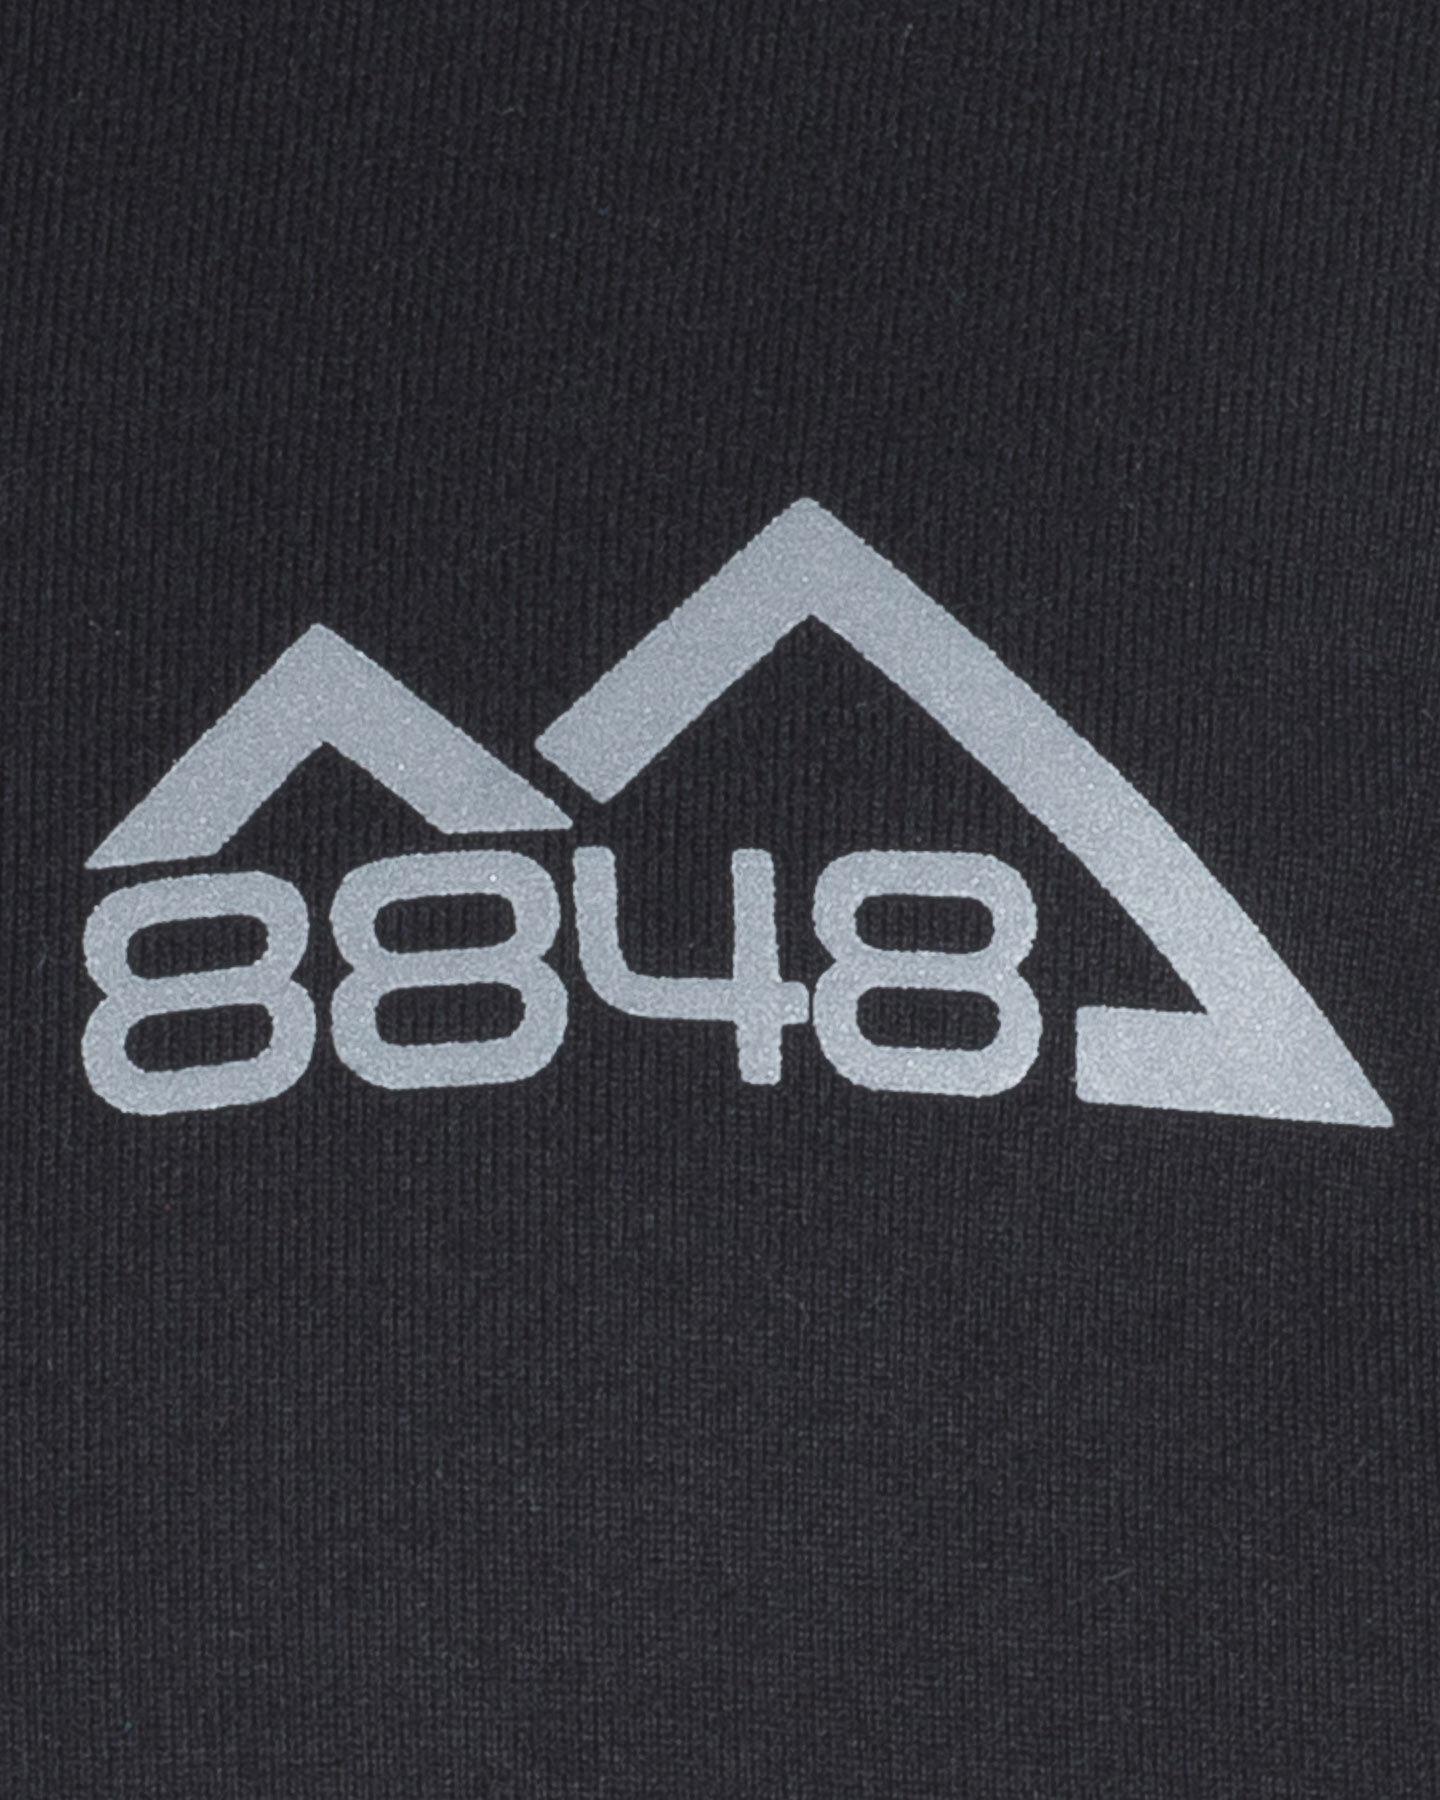 Maglia intimo tecnico 8848 TECHNO STRETCH JR S4070559 scatto 2